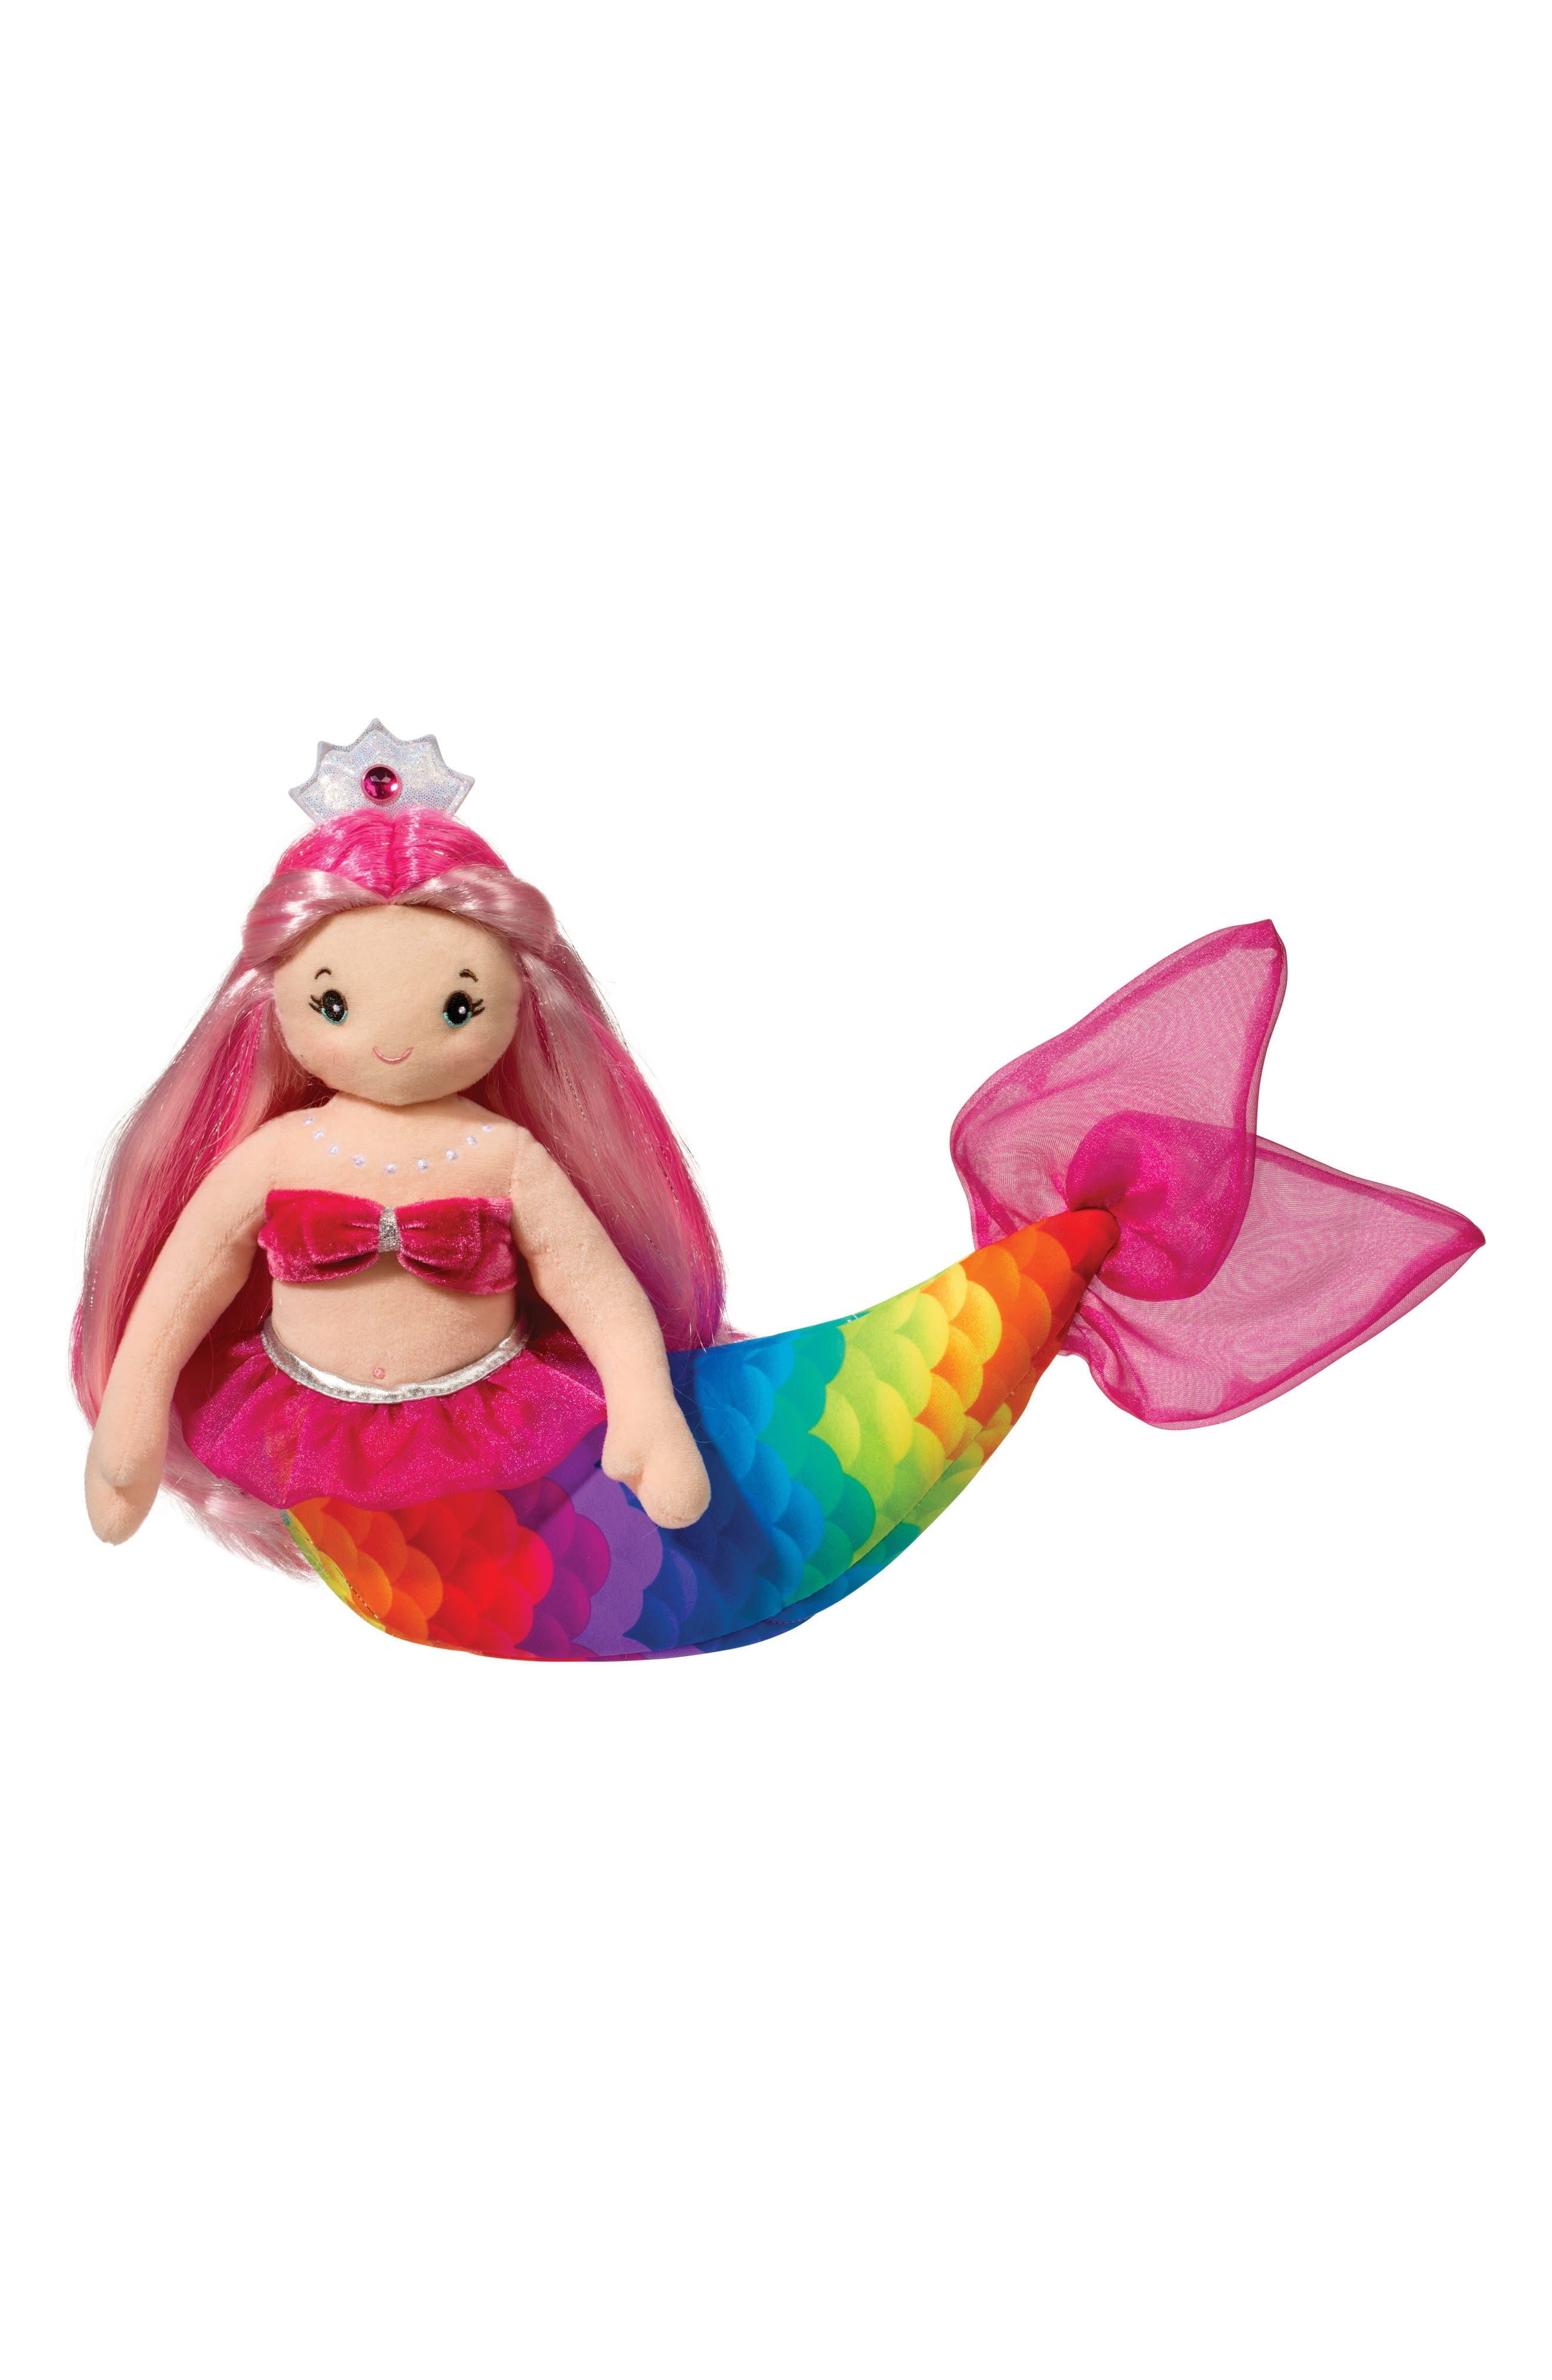 Douglas Arissa - Large Rainbow Mermaid Doll